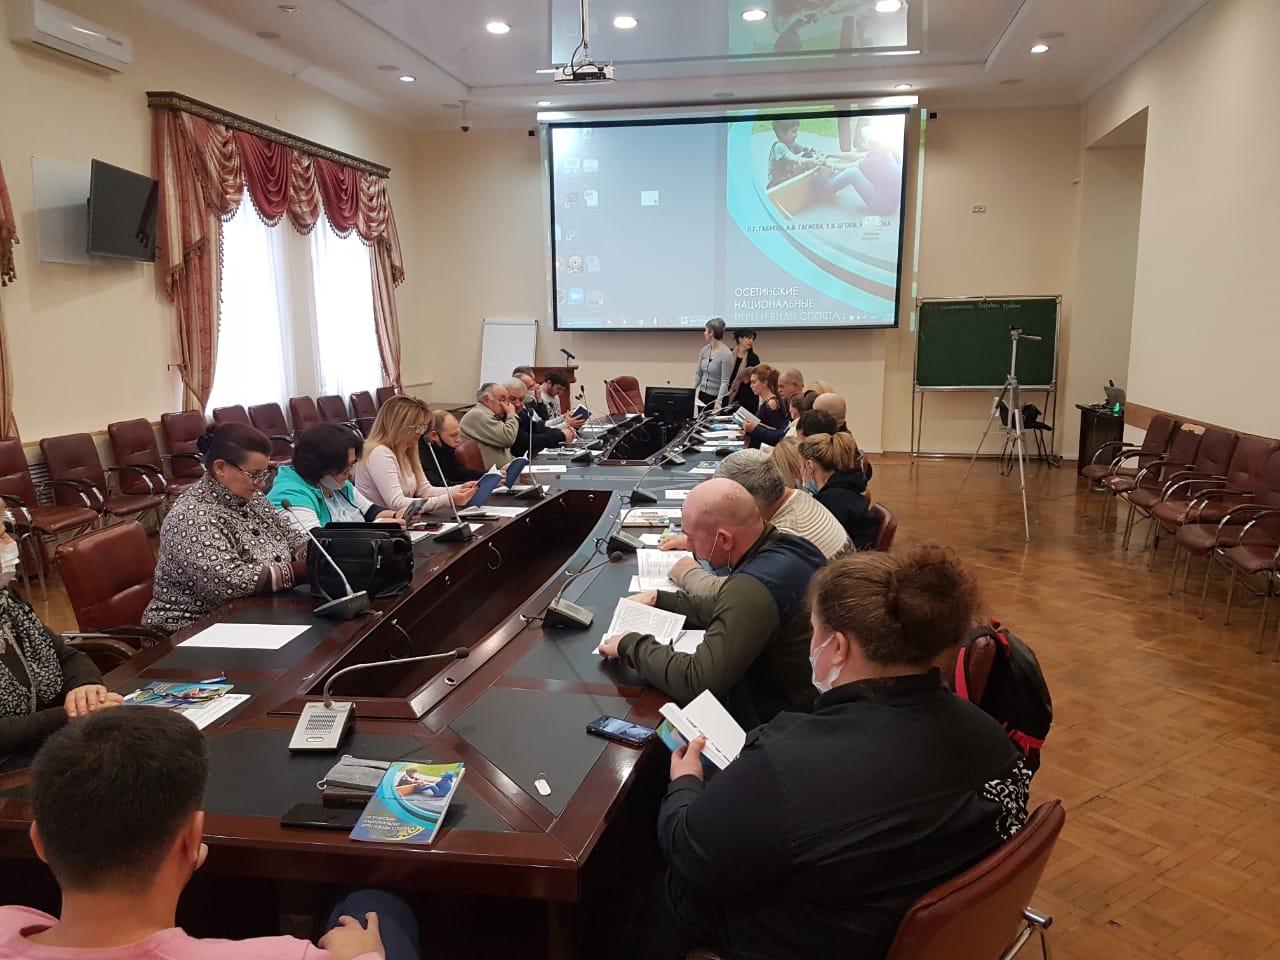 17-19 декабря Ирон Федерацией совместно с СОРИПКРО были проведены семинары-практикумы для учителей физической культуры и спорта РСО-Алания